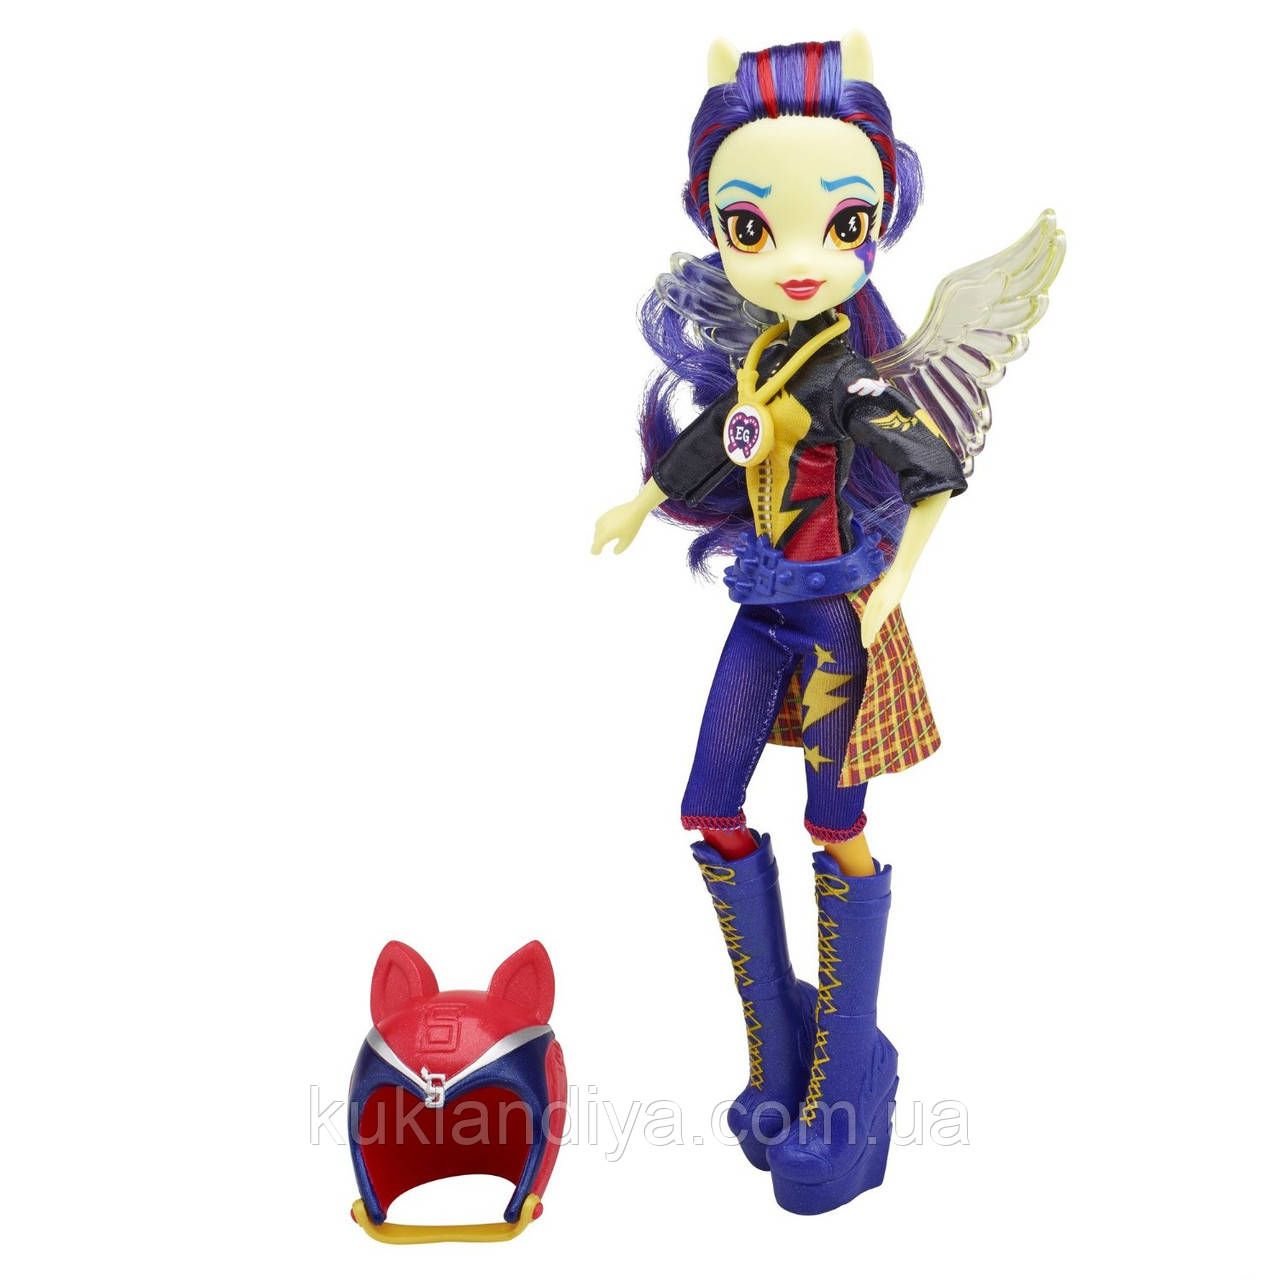 Лялька Індиго серія Мотокрос - My Little Pony